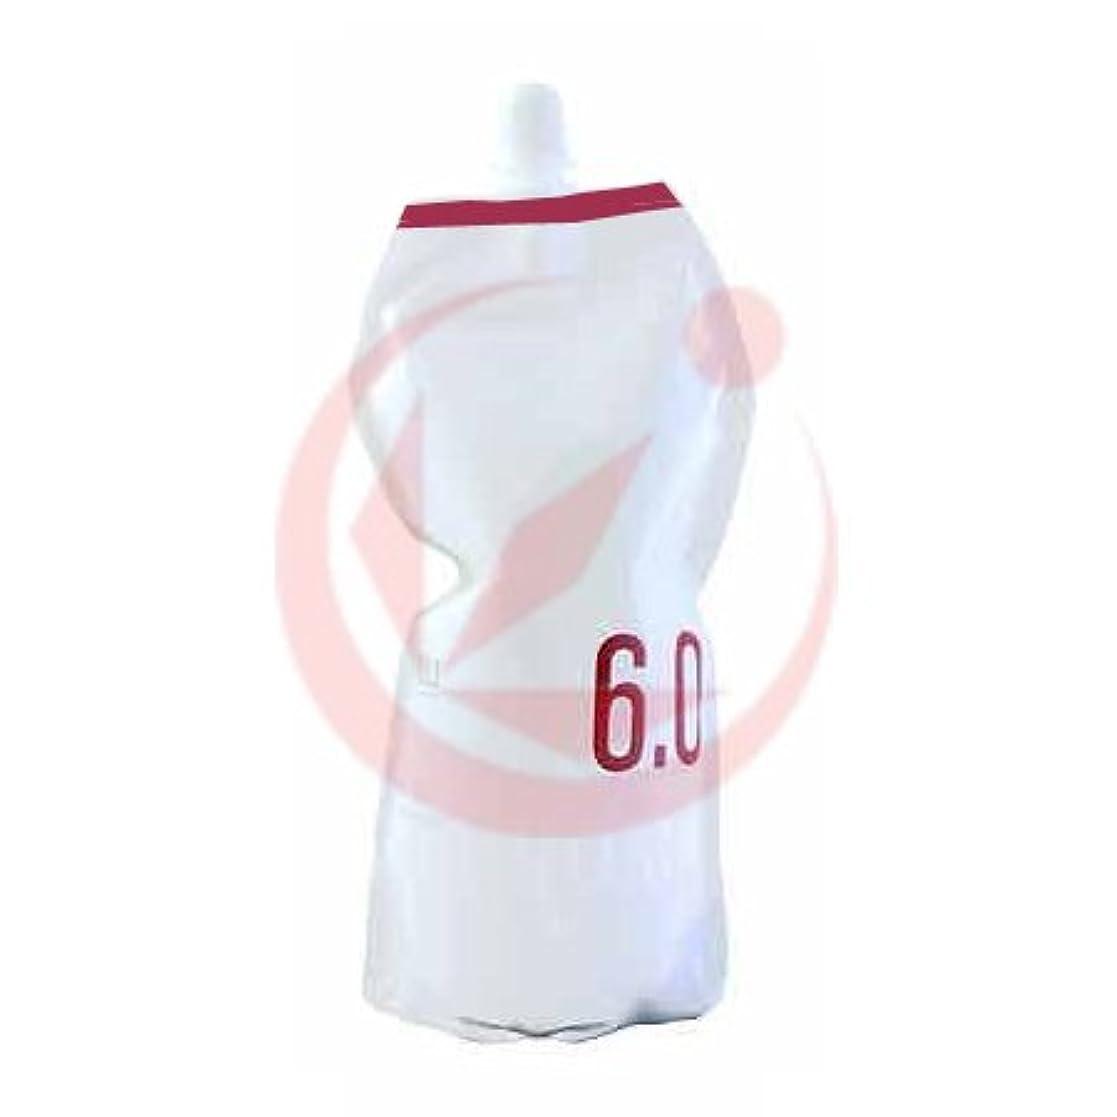 ハイランドブルーベルストリームナンバースリー プロアクション リクロマ オキシ(OX) 1200ml(2剤) 6.0%*